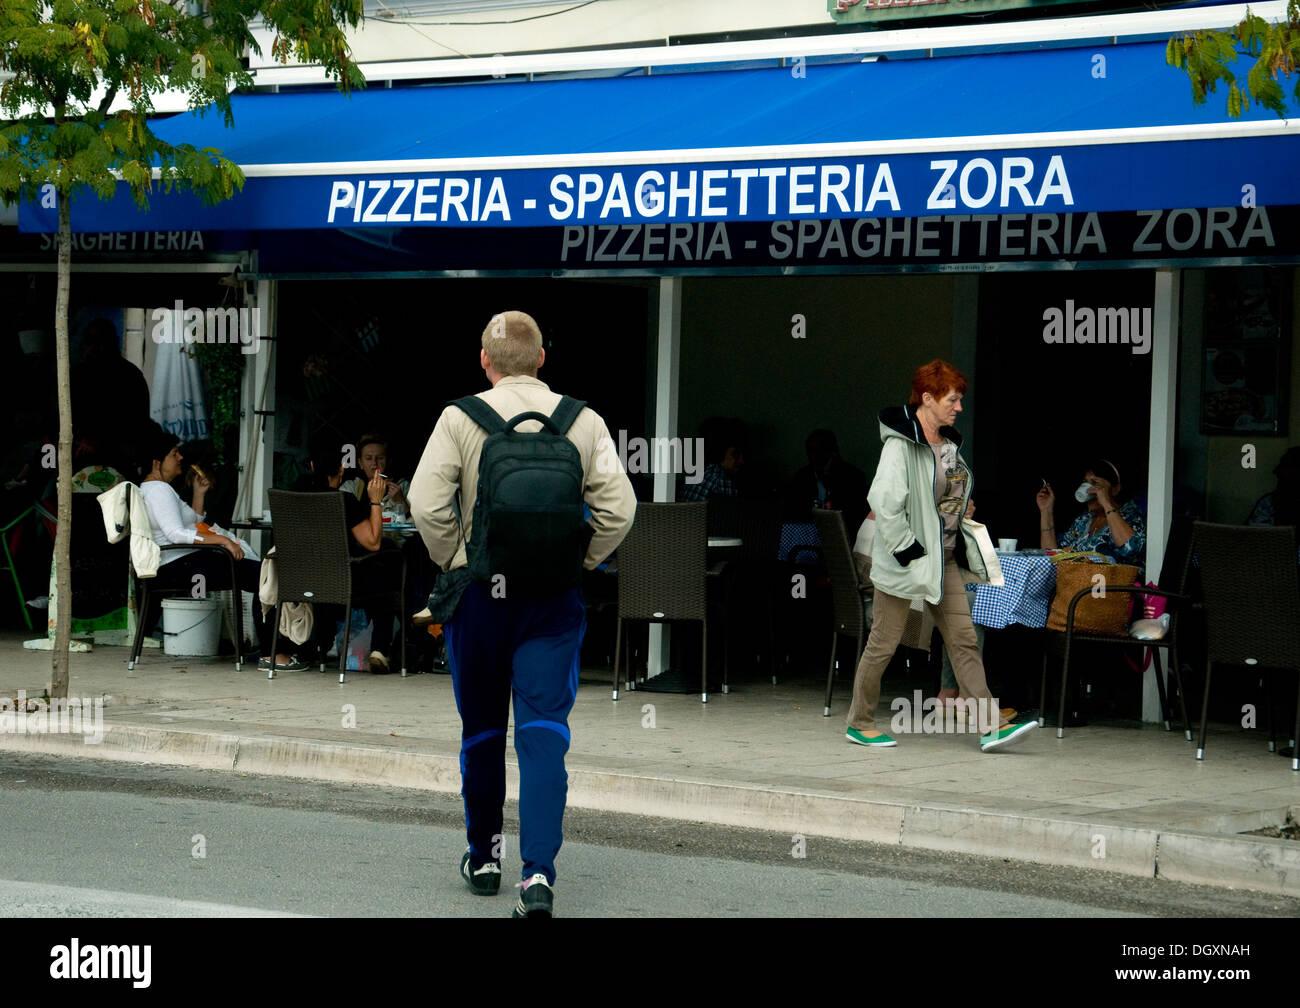 Jeder weiß, Pizzeria, aber Spaghetteria? Hier ist es ein Strandrestaurant in der kroatischen Stadt ?ibenik Stockbild